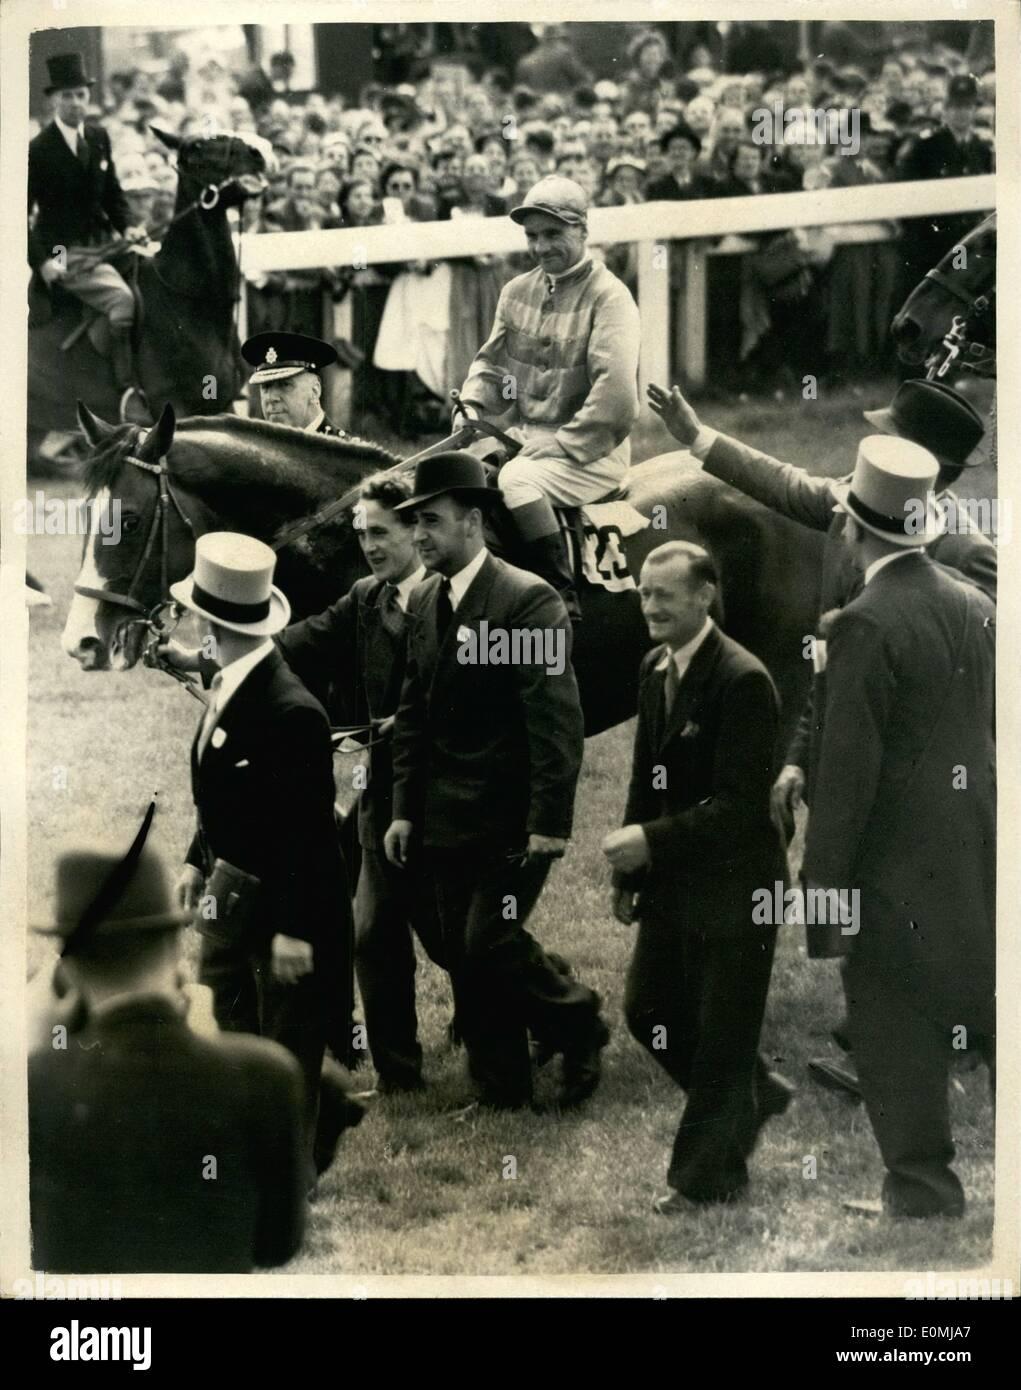 6. Juni 1955 - Gordon Richards gewinnt seinen ersten Derbys, Königin zweite Pferd. Gordon Richards, der Champion Jockey gewann heute sein erste Derby auf Sir V. Sassoon Pinza. Die Königin Pferd geritten von w.h. Carr, Aureole war zweiter und rosa Pferd (Rae Johnstone) wurde Dritter. Keystone-Foto zeigt: Sir Victor Sassoon führt sein Pferd Pinza, Gordon Richards, bis heute das Derby gewann. Keystone Stockbild